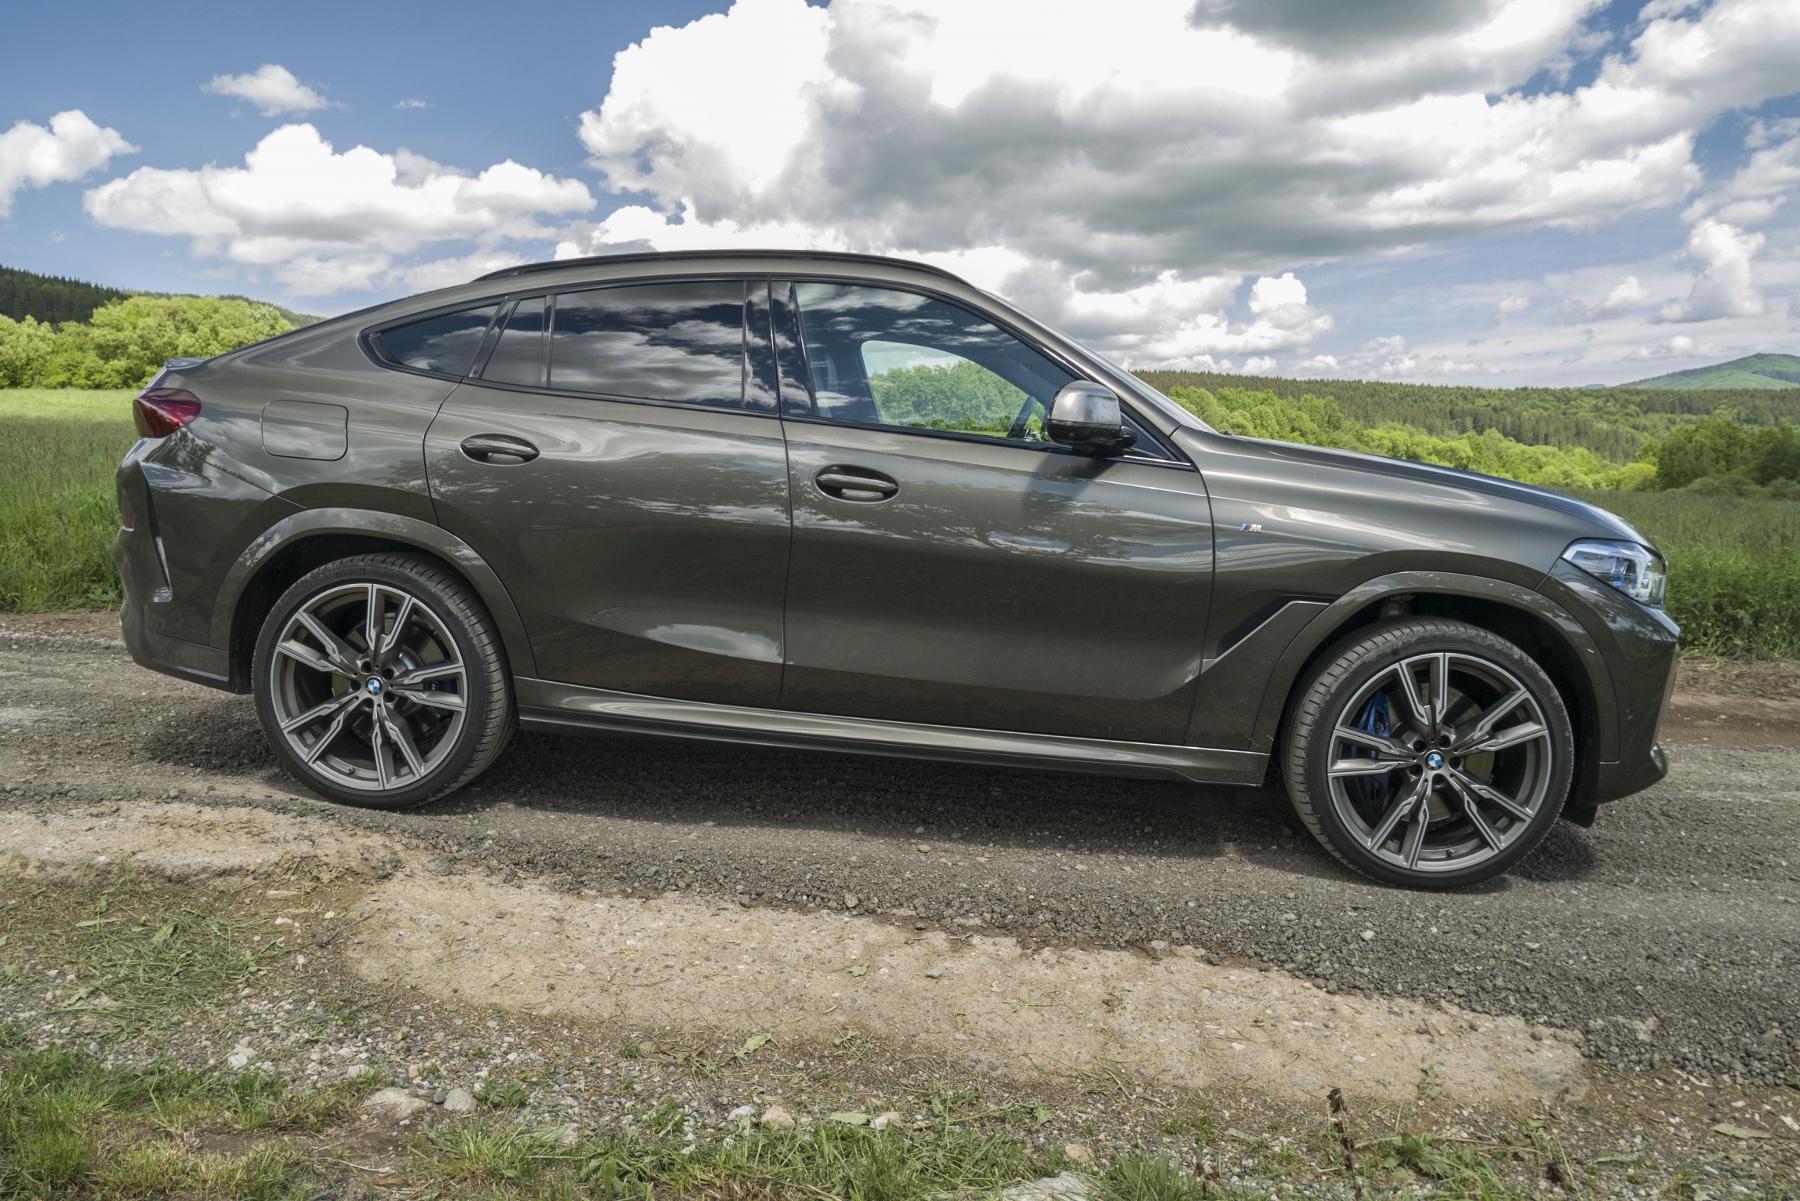 Test: BMW X6 M50i napína benzínové svaly, ale neukazuje plnú silu mFbuKjZfr0 bmw-x6-m50i-30